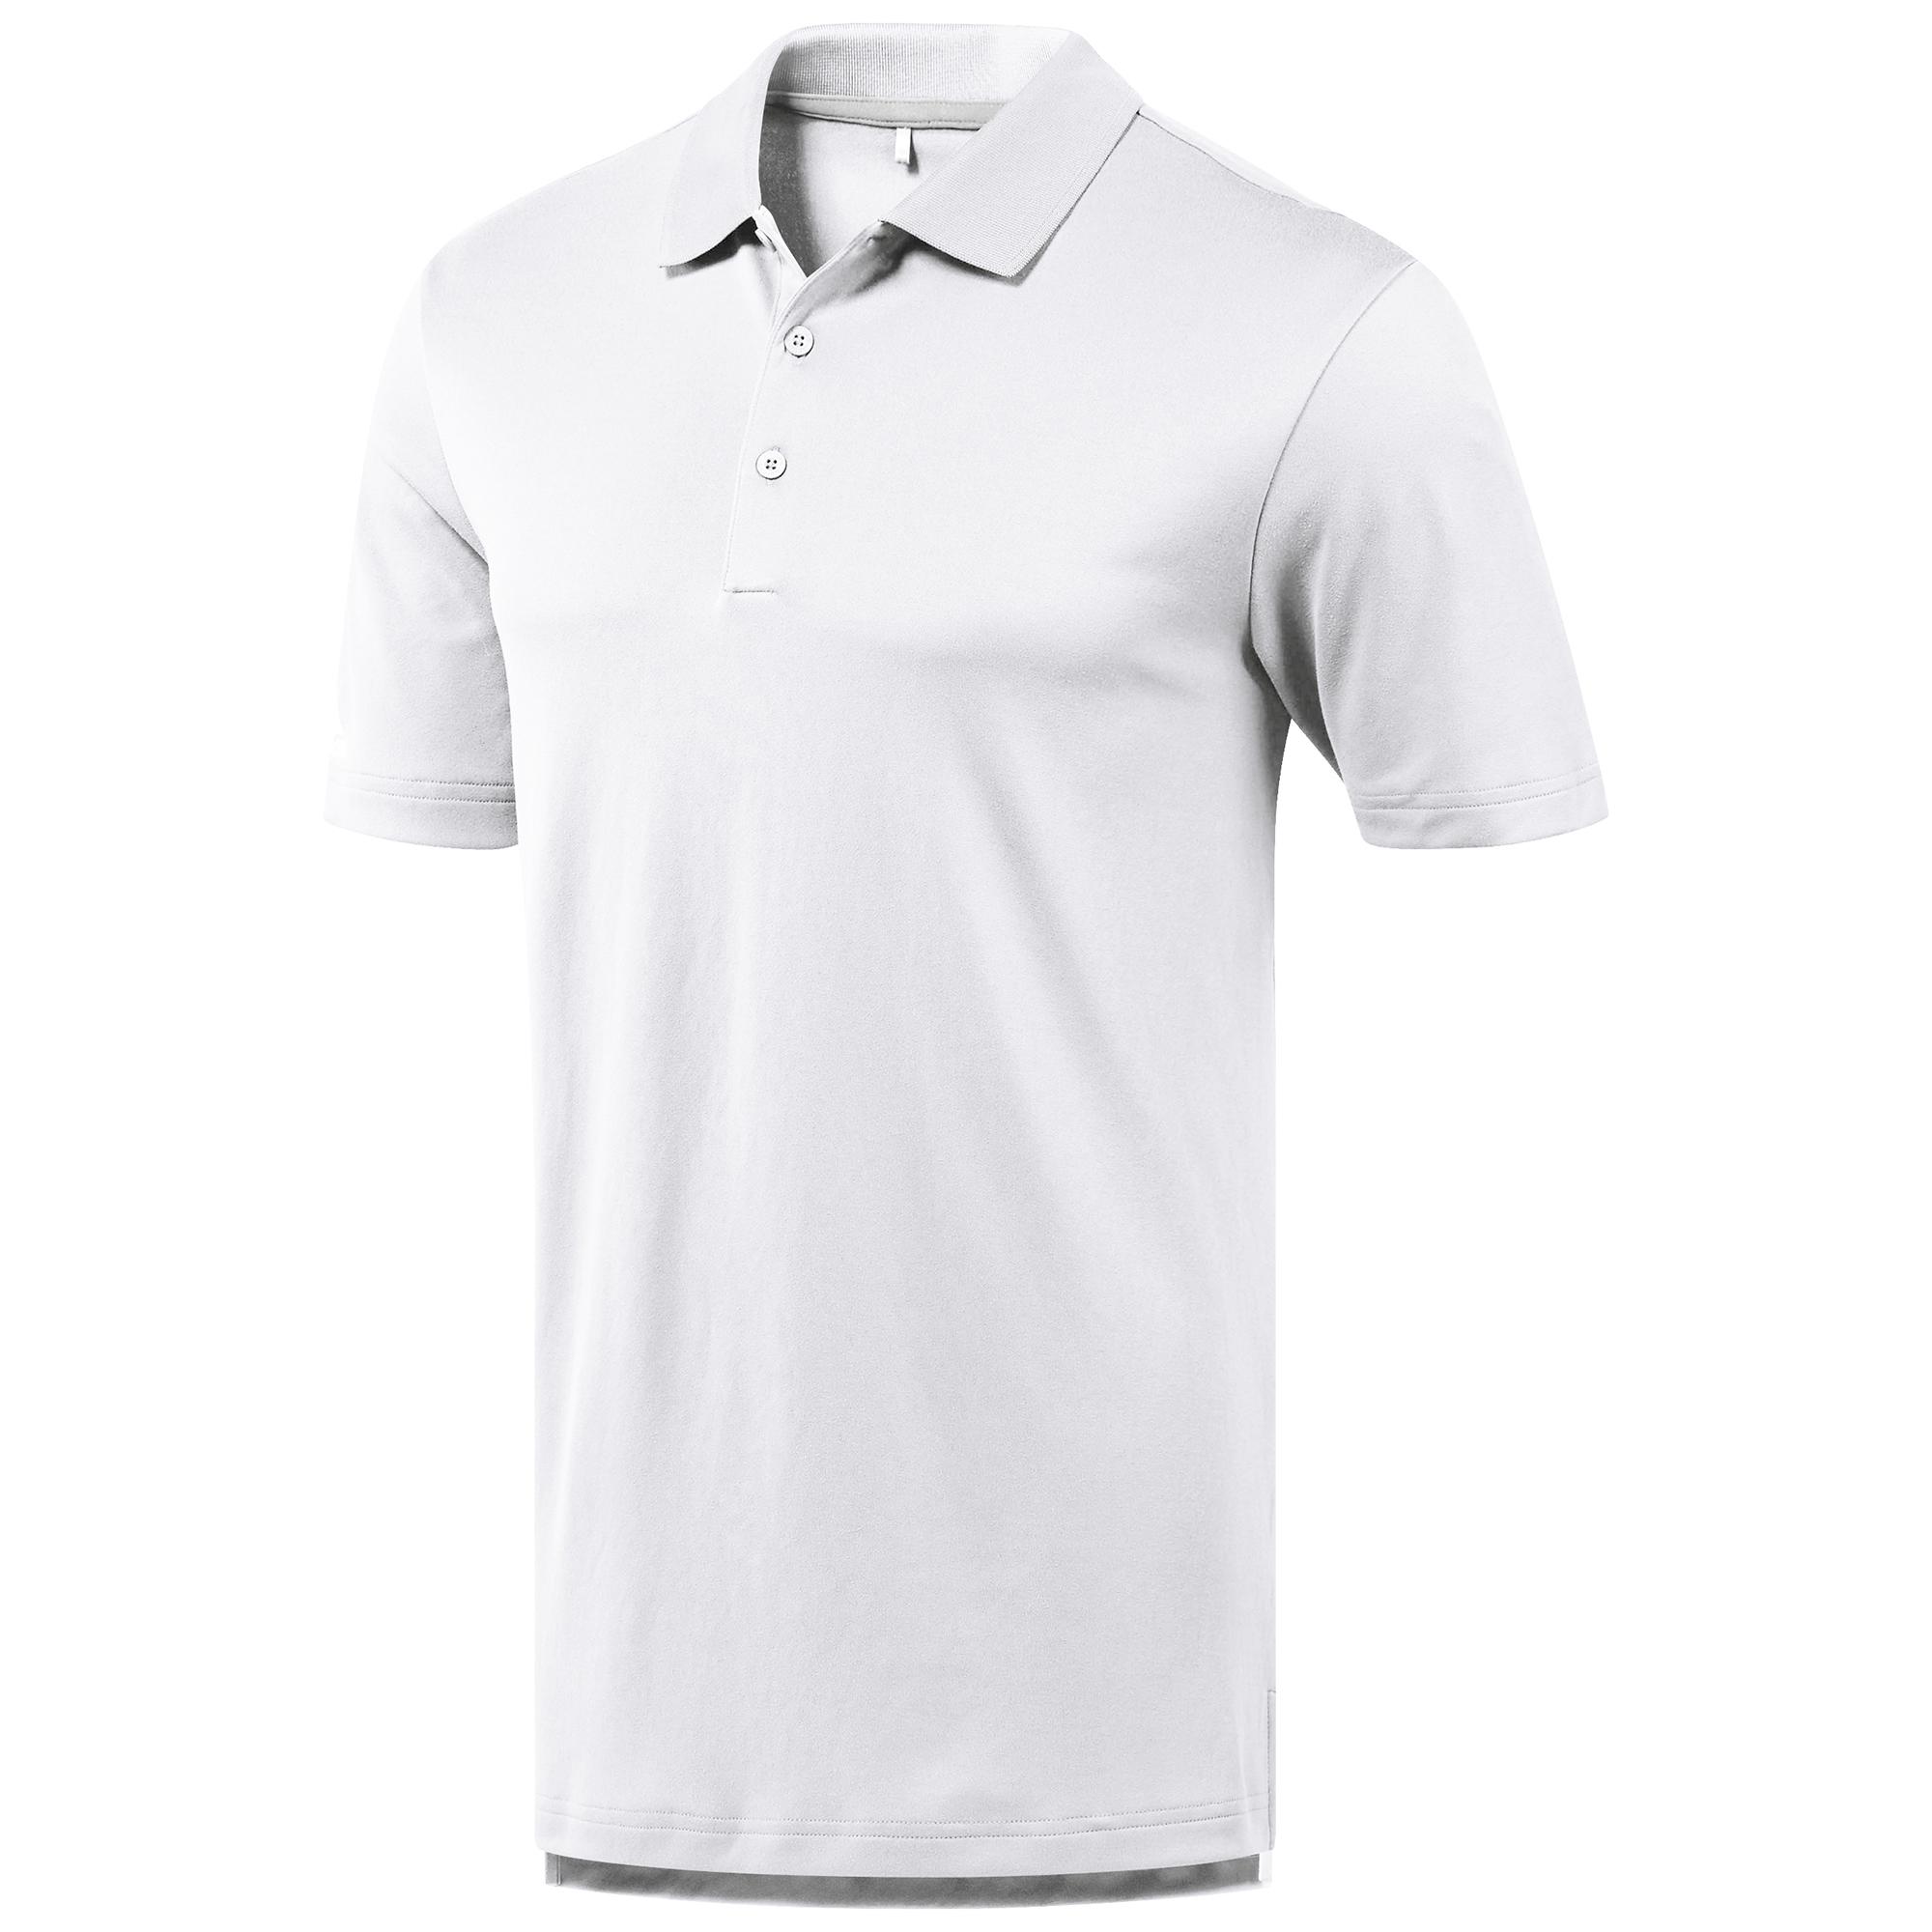 Adidas Mens Performance Polo Shirt (M) (White)